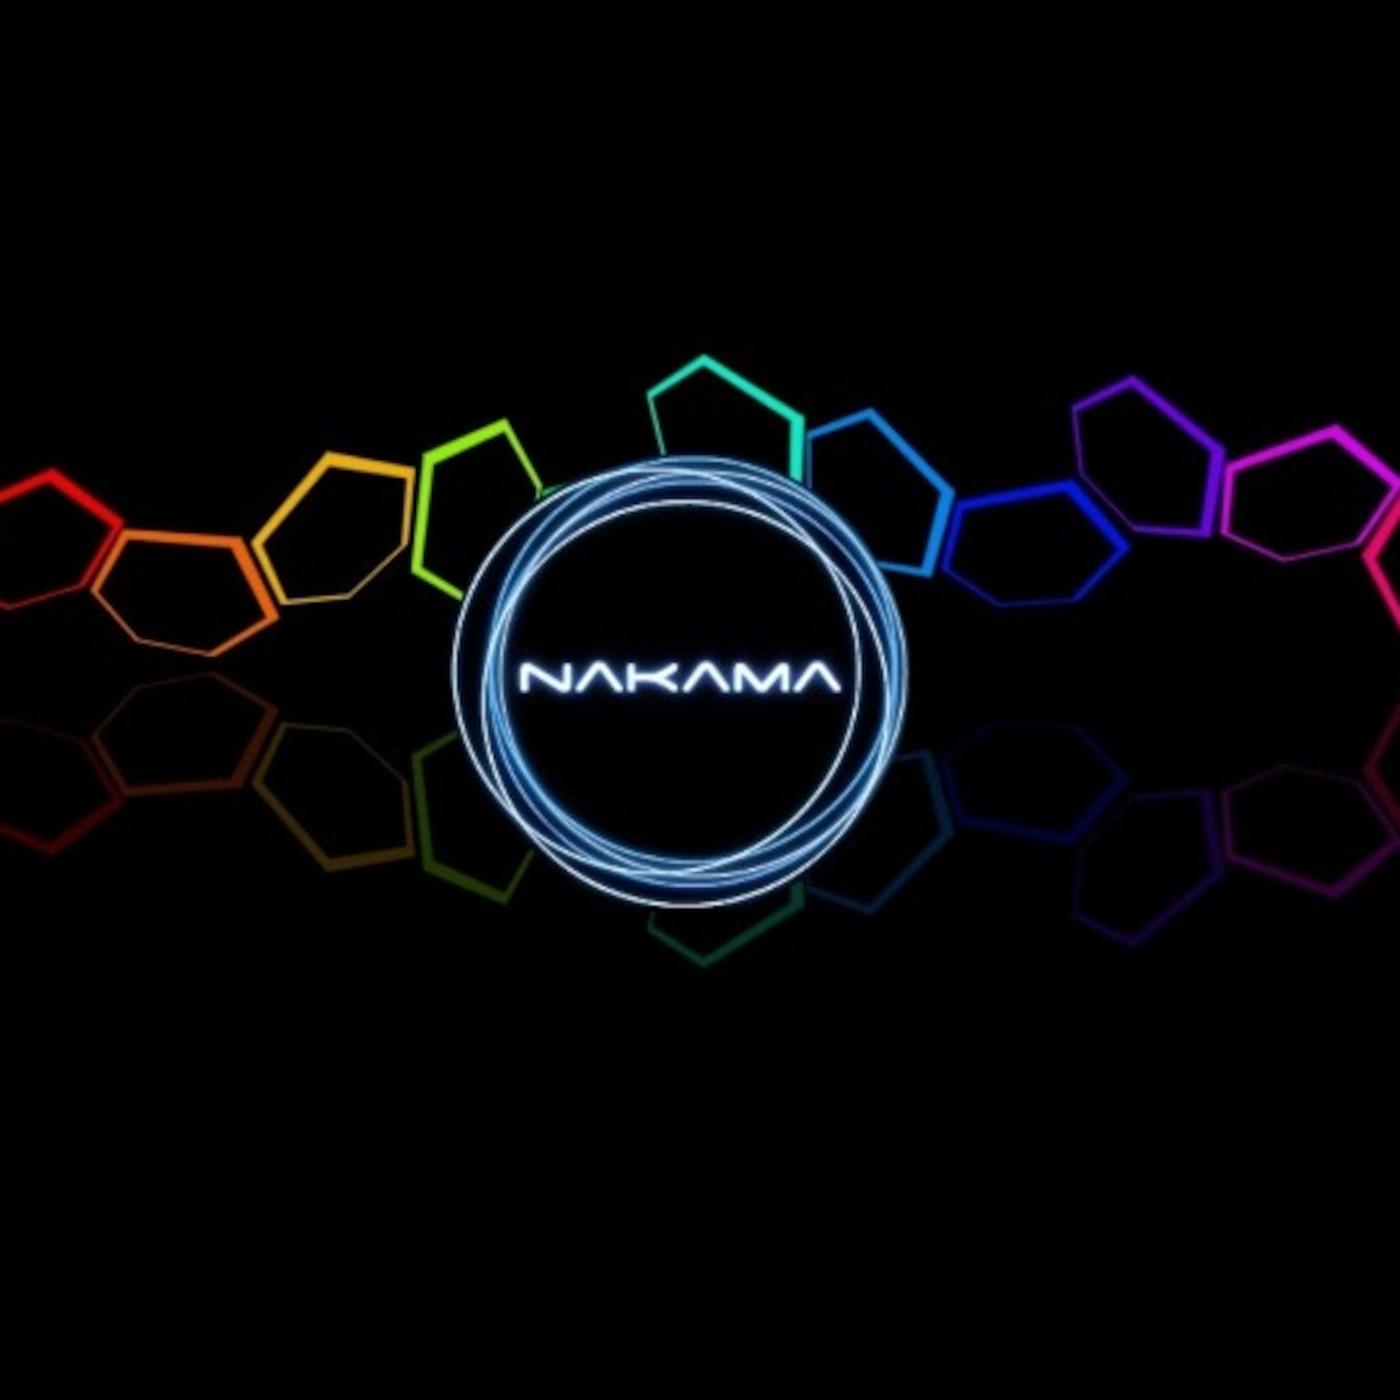 Nakama Cast